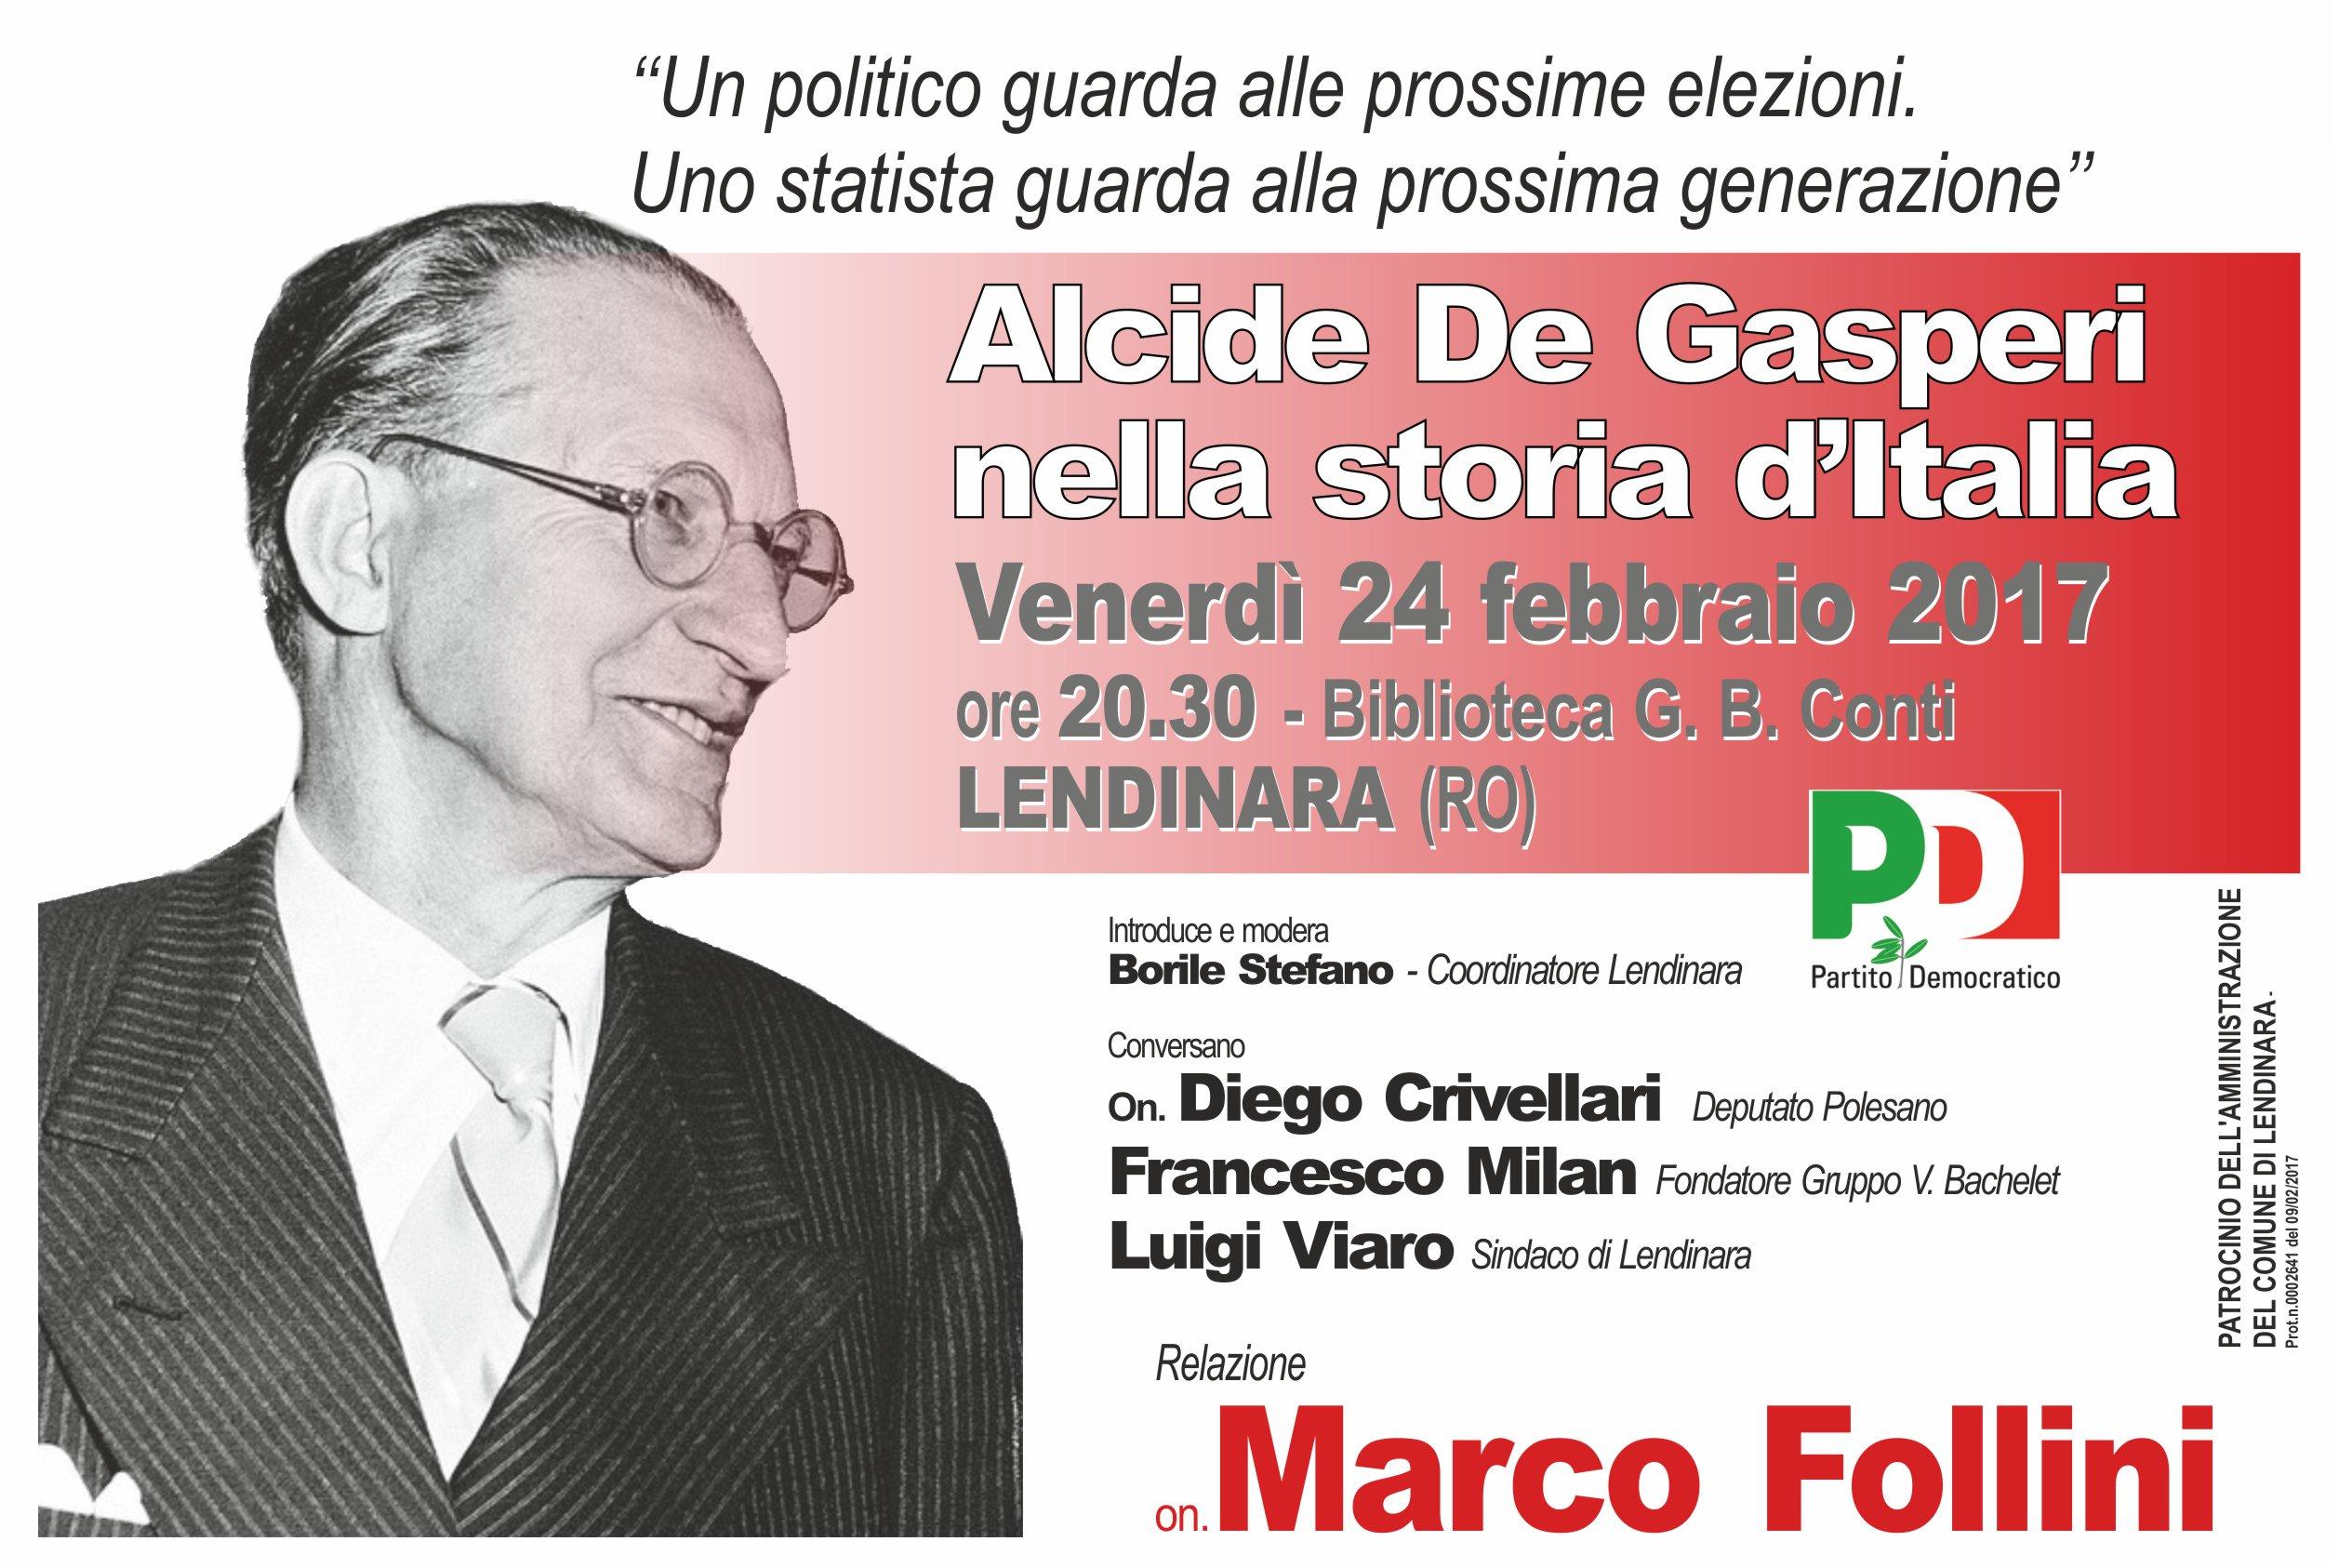 Alcide De Gasperi nella storia d'Italia